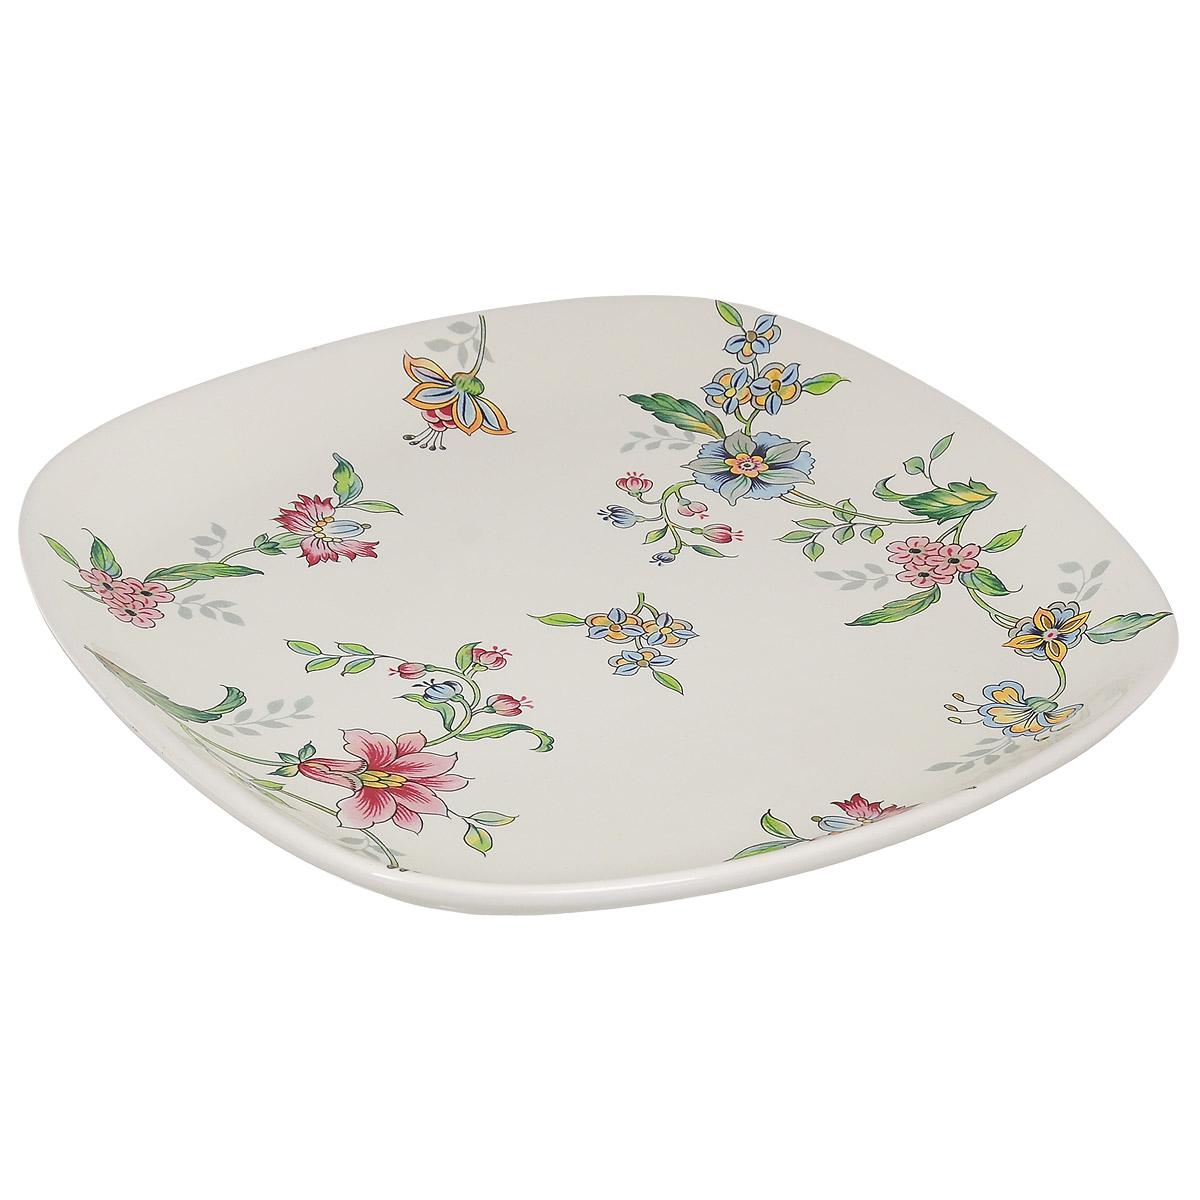 Тарелка Nuova Cer Прованс, 25,5 см х 25,5 смPRV-1590/2Изящная тарелка Nuova Cer Прованс изготовлена из высококачественной керамики. Изделие оформлено красочным изображением цветов. Предназначена для сервировки закусок и различных блюд, а также для подачи вторых блюд. Оригинальная тарелка прекрасно оформит стол и порадует вас лаконичным и ярким дизайном.Можно использовать в микроволновой печи и мыть в посудомоечной машине.Размер тарелки (по верхнему краю): 25,5 см х 25,5 см.Высота тарелки: 3,3 см.